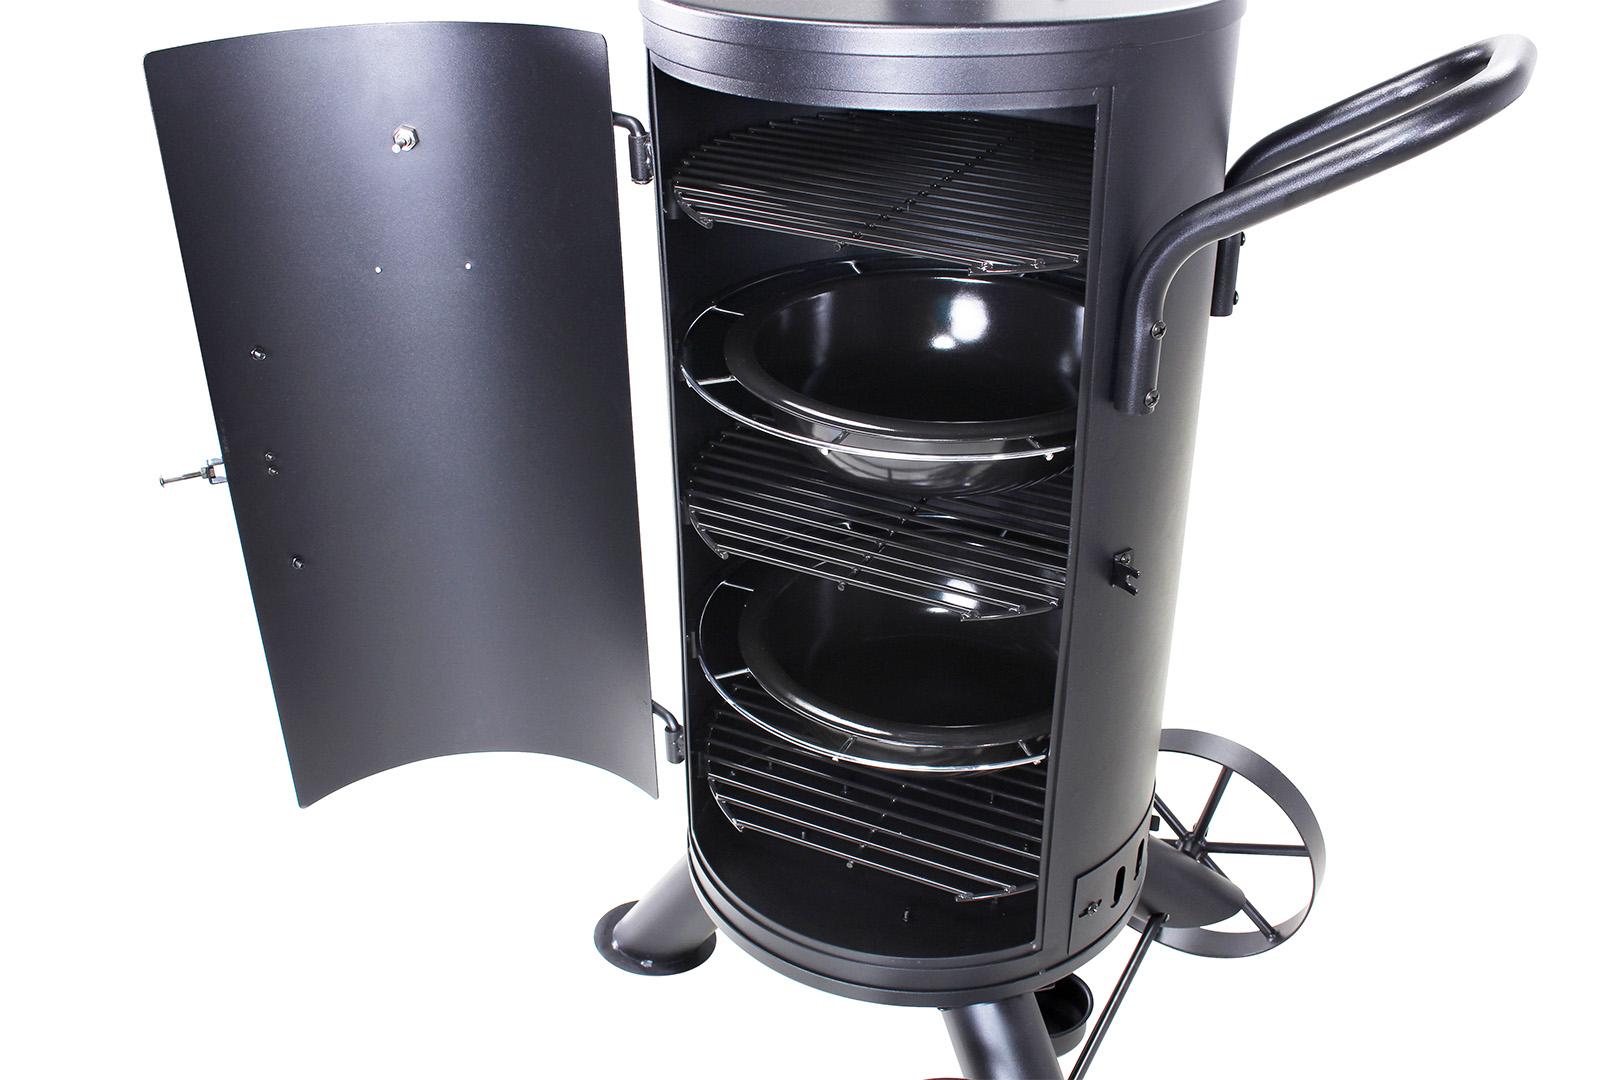 Gas Und Holzkohlegrill Mit Smoker : Uten holzkohlegrill picknickgrill faltbarer grill freizeit